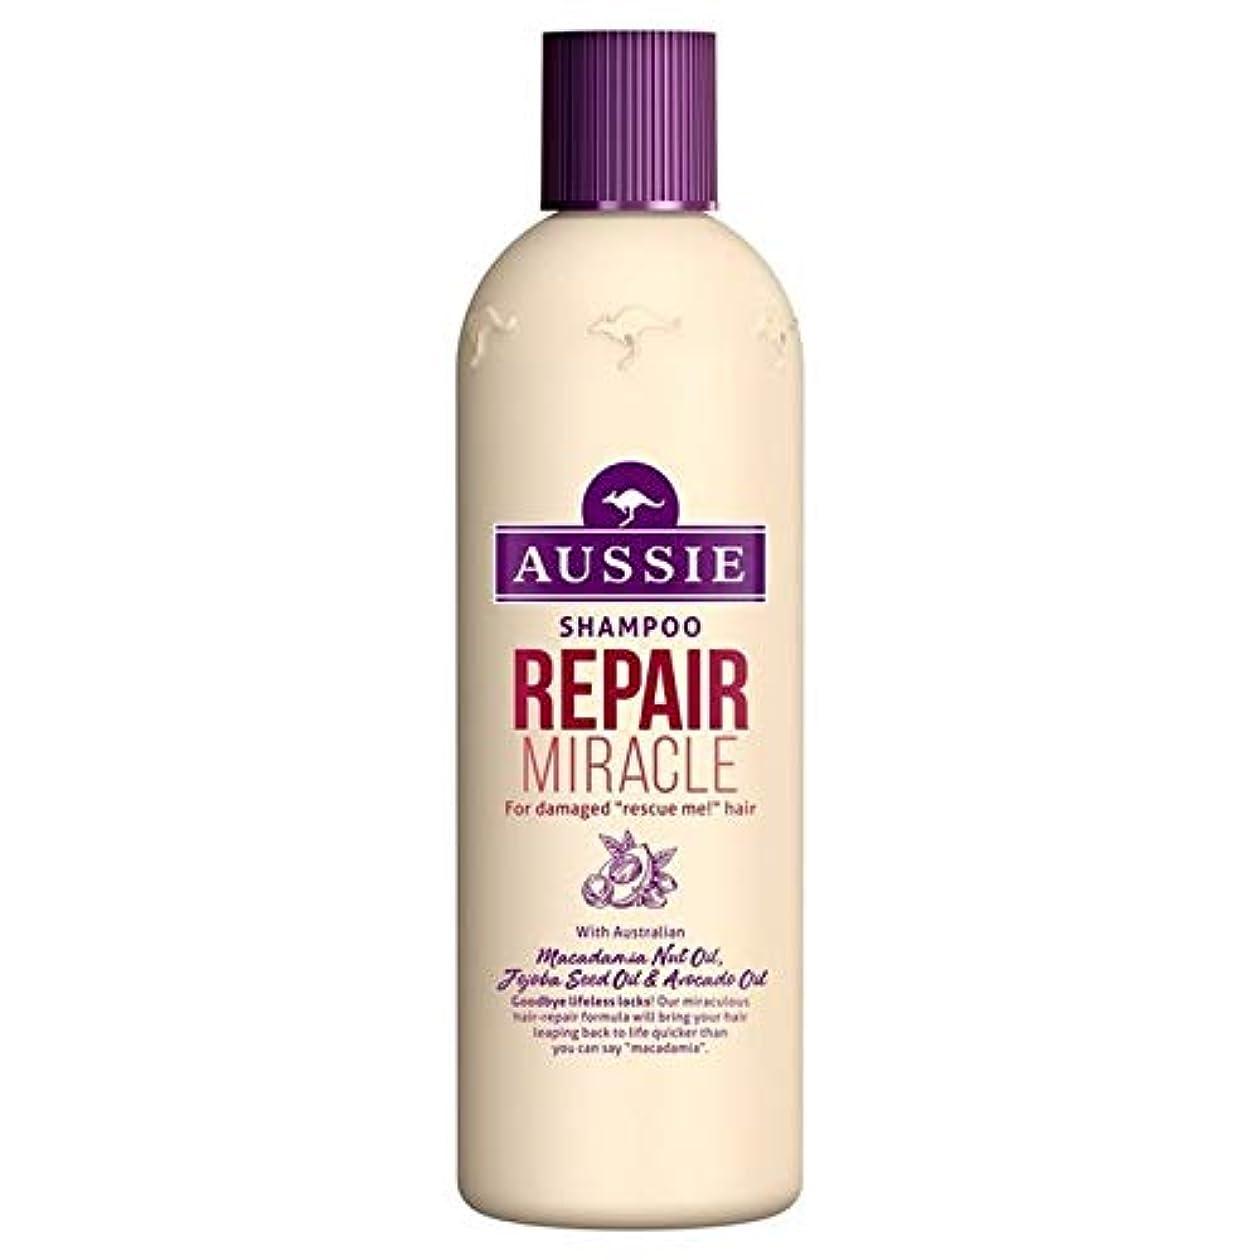 サンドイッチ汚い秘書[Aussie ] いたずらな髪の300ミリリットルのすべての種類のオージーシャンプーの修理の奇跡 - Aussie Shampoo Repair Miracle for All Kinds of Naughty Hair 300ml [並行輸入品]